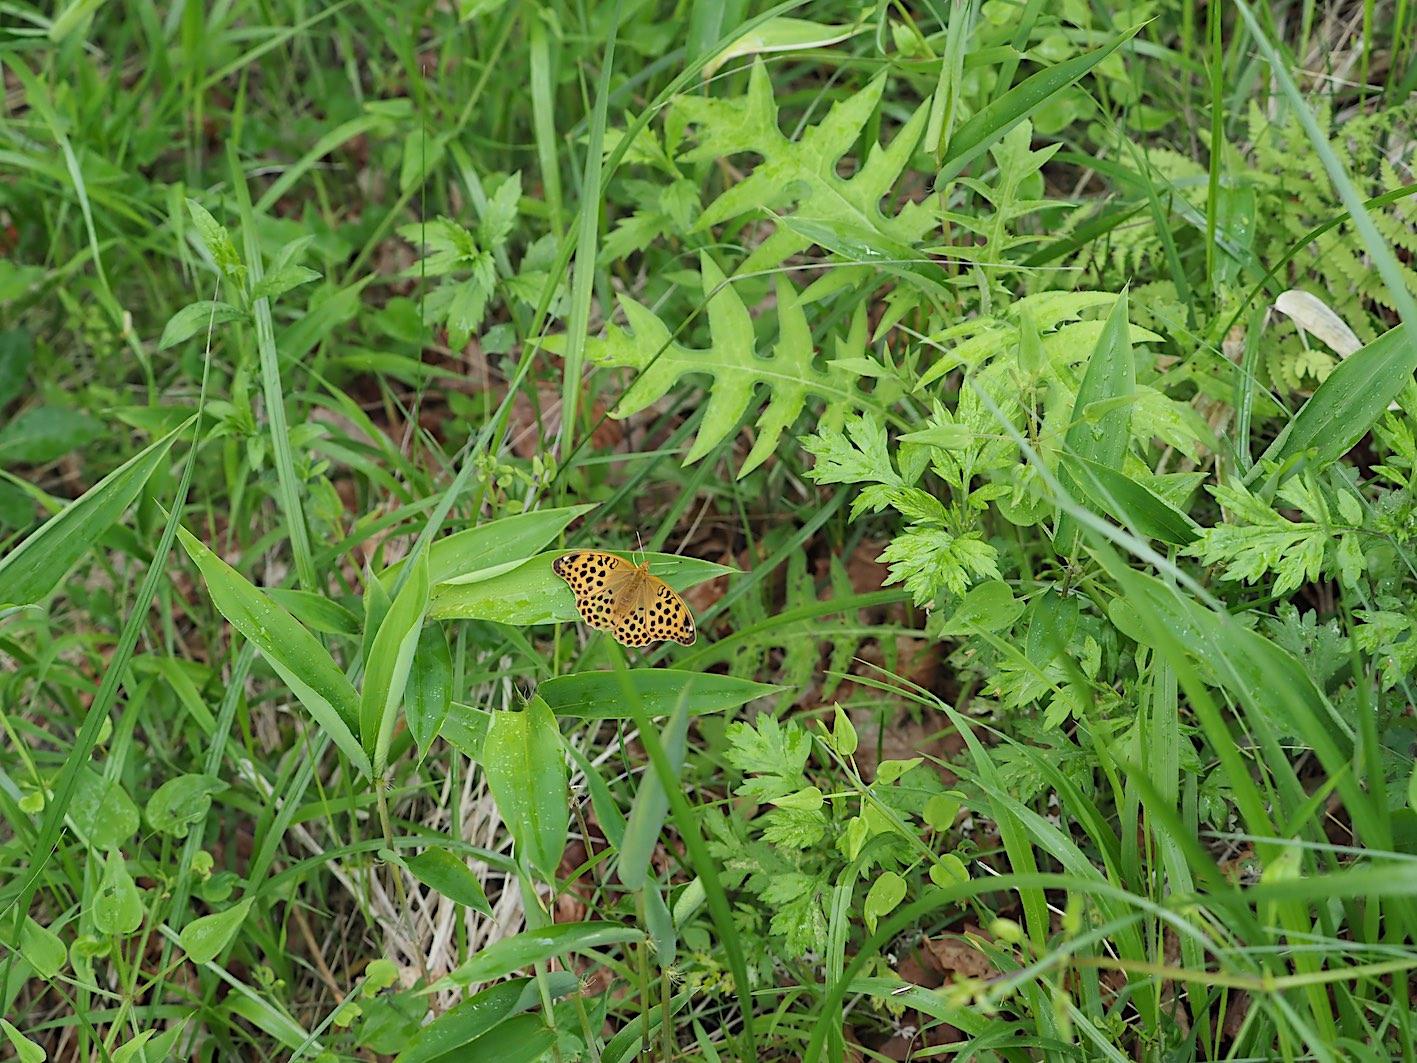 アサギマダラの卵&ミドリヒョウモンの幼虫(2019年7月1日)_d0303129_493574.jpg